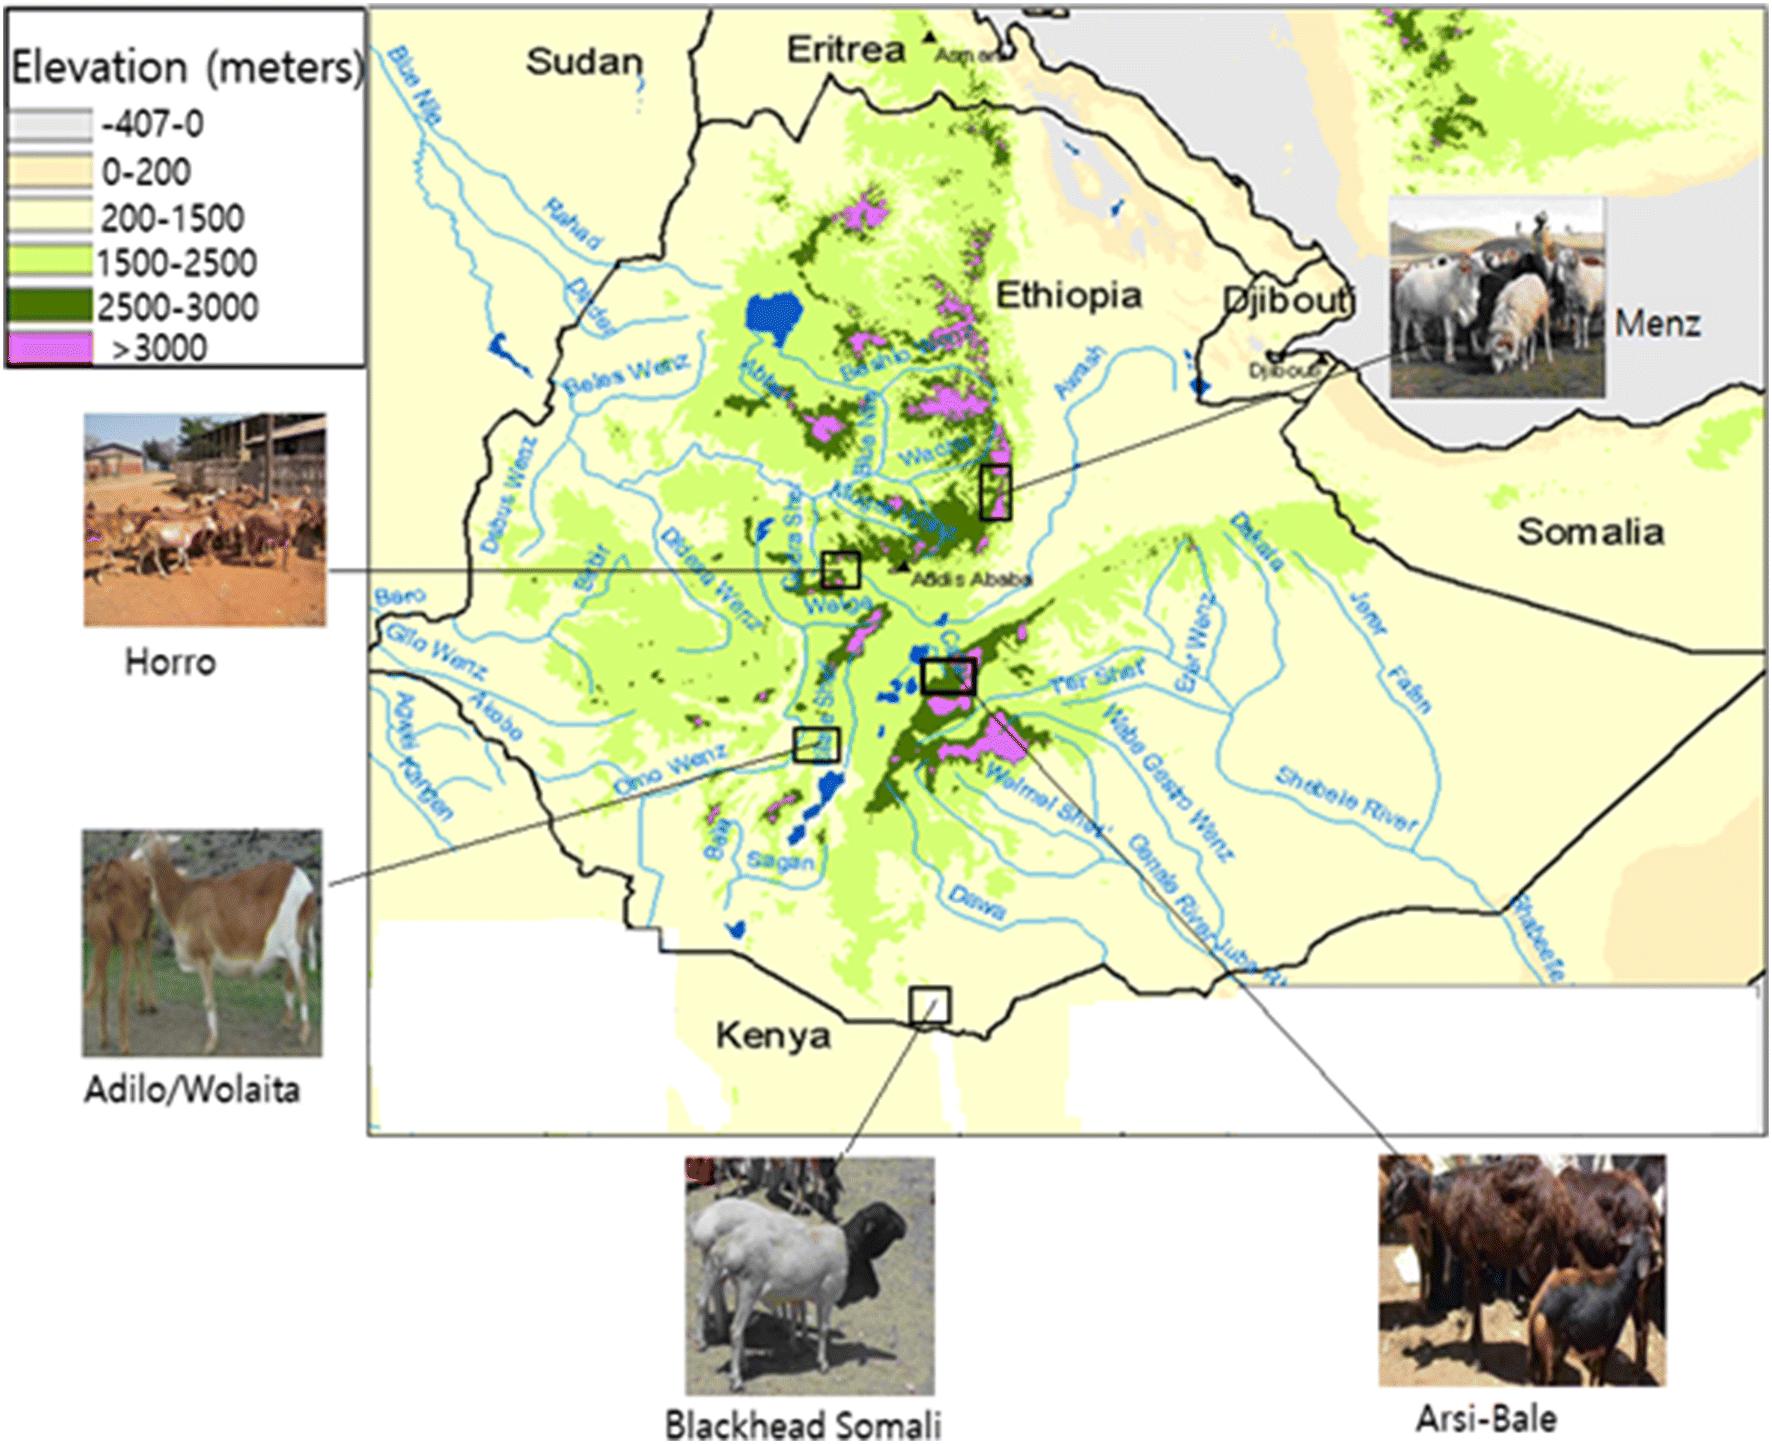 Genomic signatures of high-altitude adaptation in Ethiopian